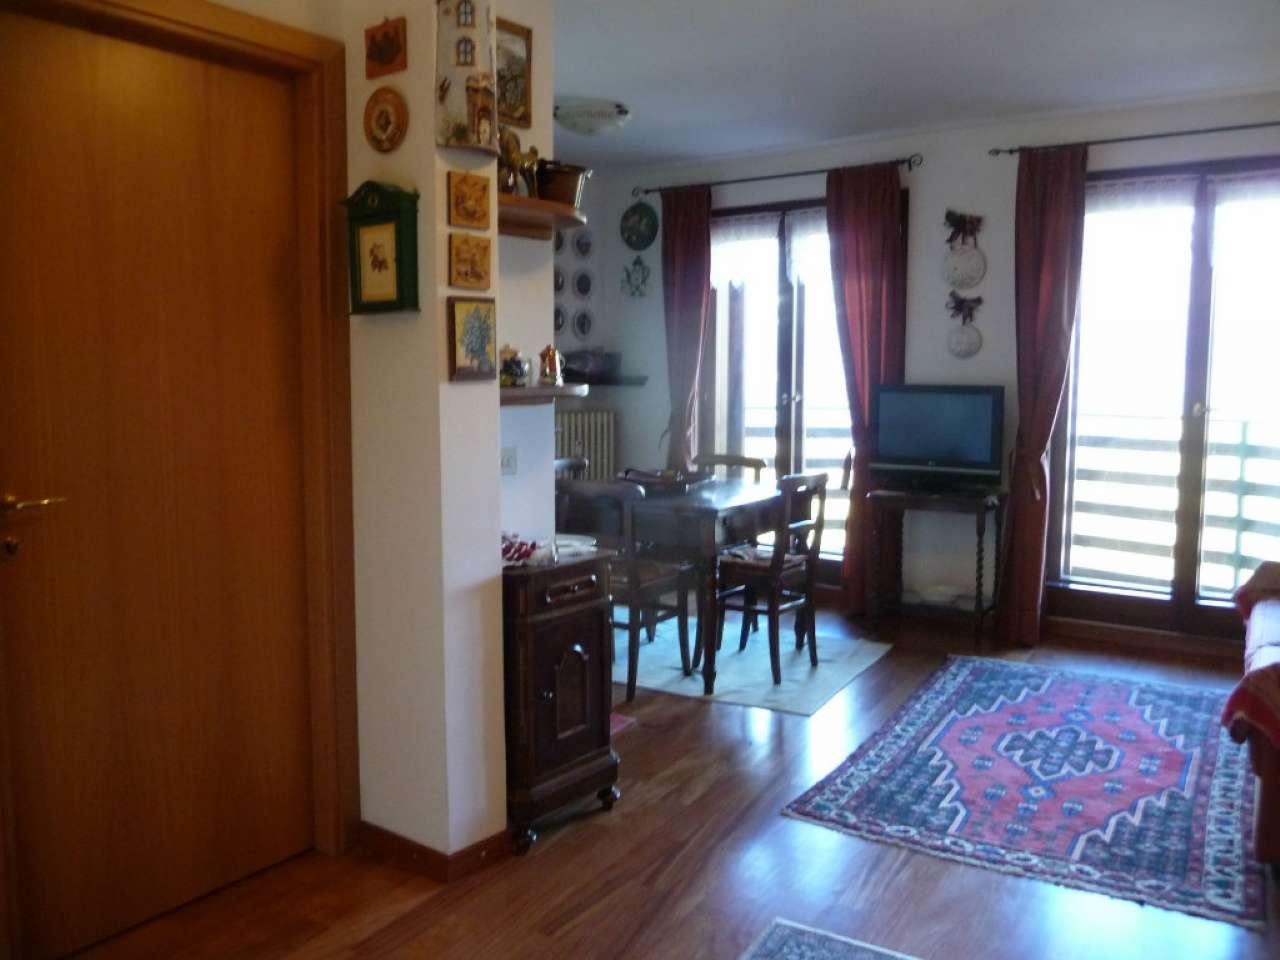 Appartamento in vendita a Sauze d'Oulx, 1 locali, prezzo € 140.000 | CambioCasa.it